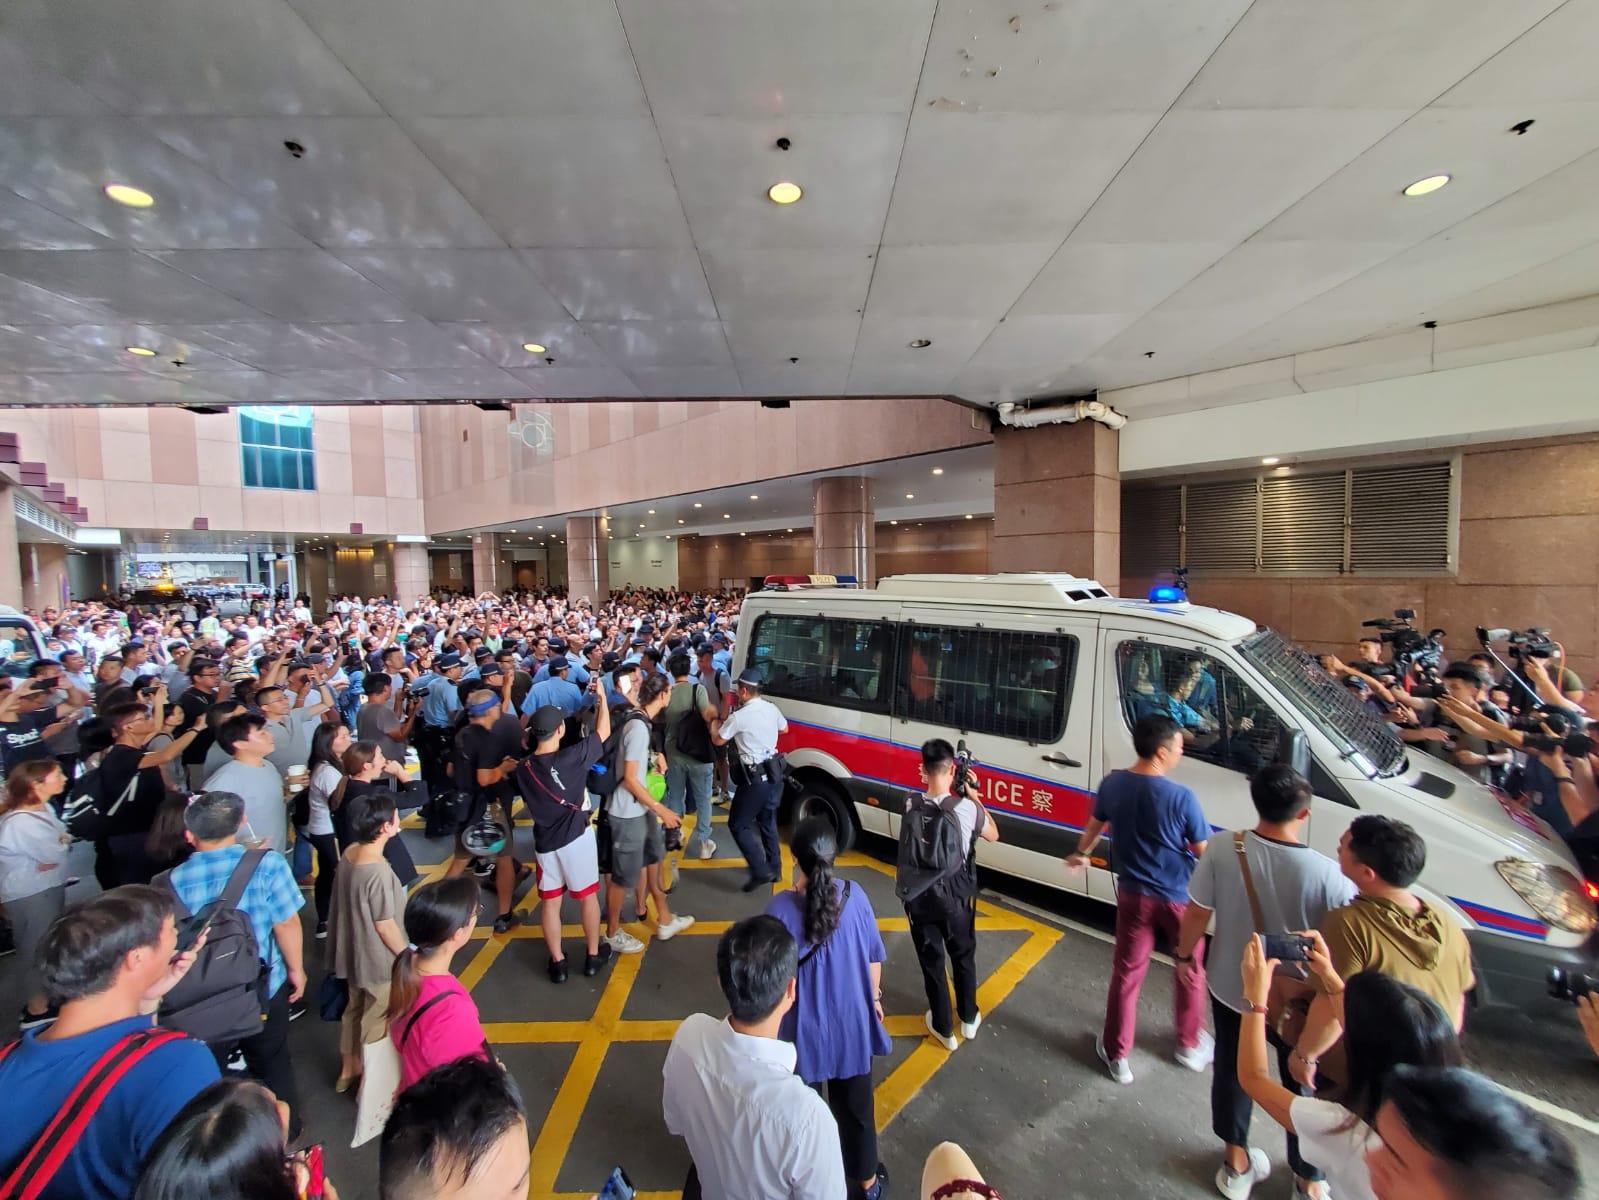 尖沙嘴唱国歌游行爱国人士被市民包围 警方护送上警车离开